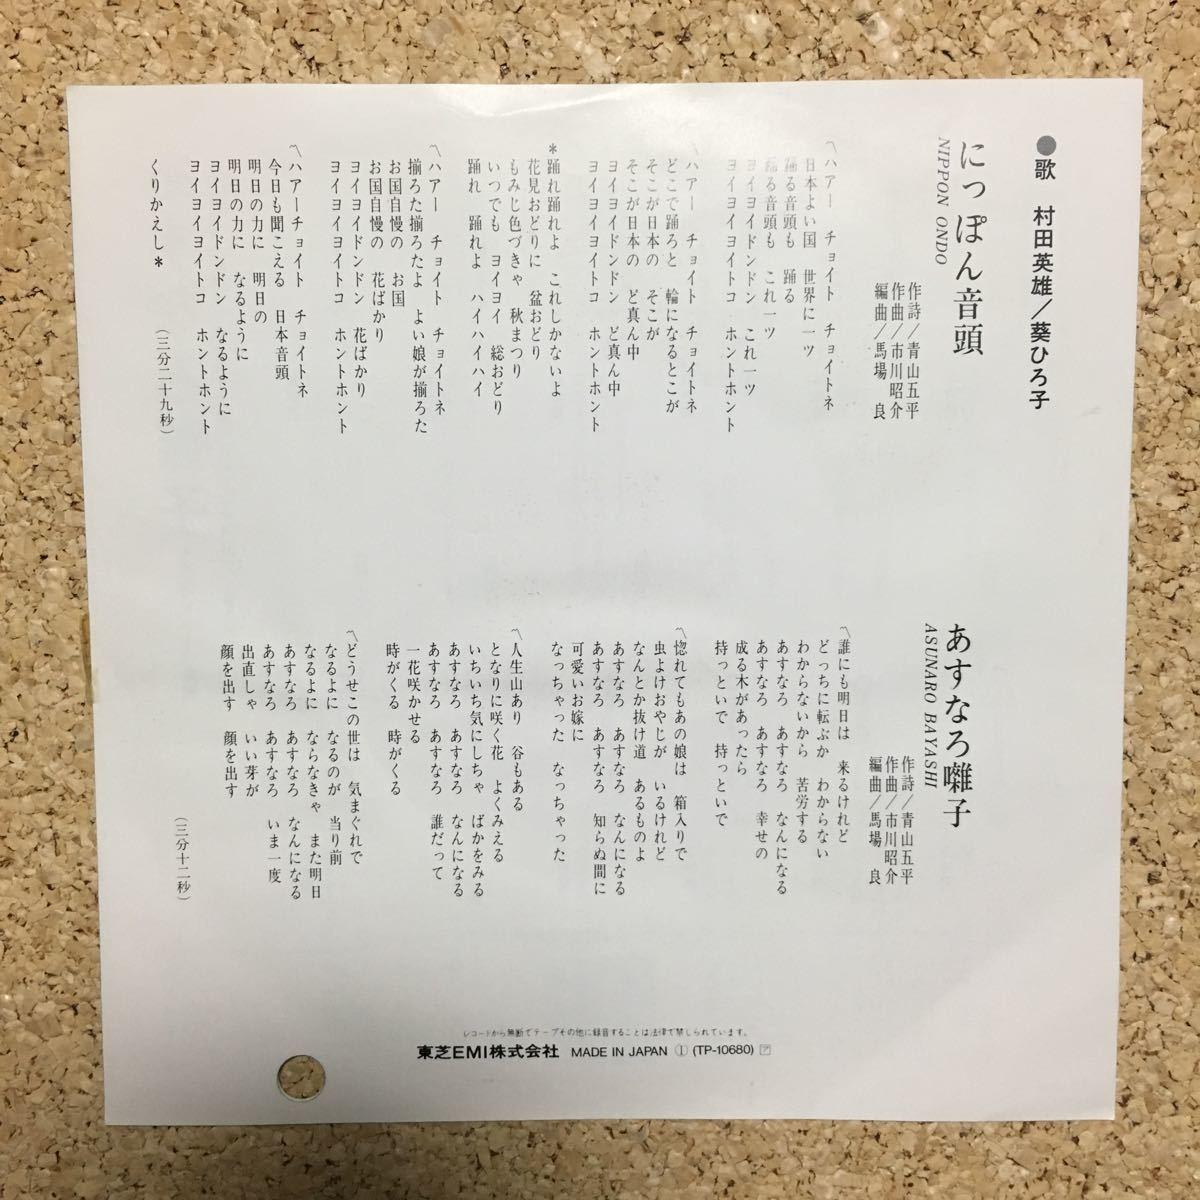 村田英雄 / 葵ひろ子 / にっぽん音頭 / あすなろ囃子 / レコード EP 見本盤 非売品_画像2